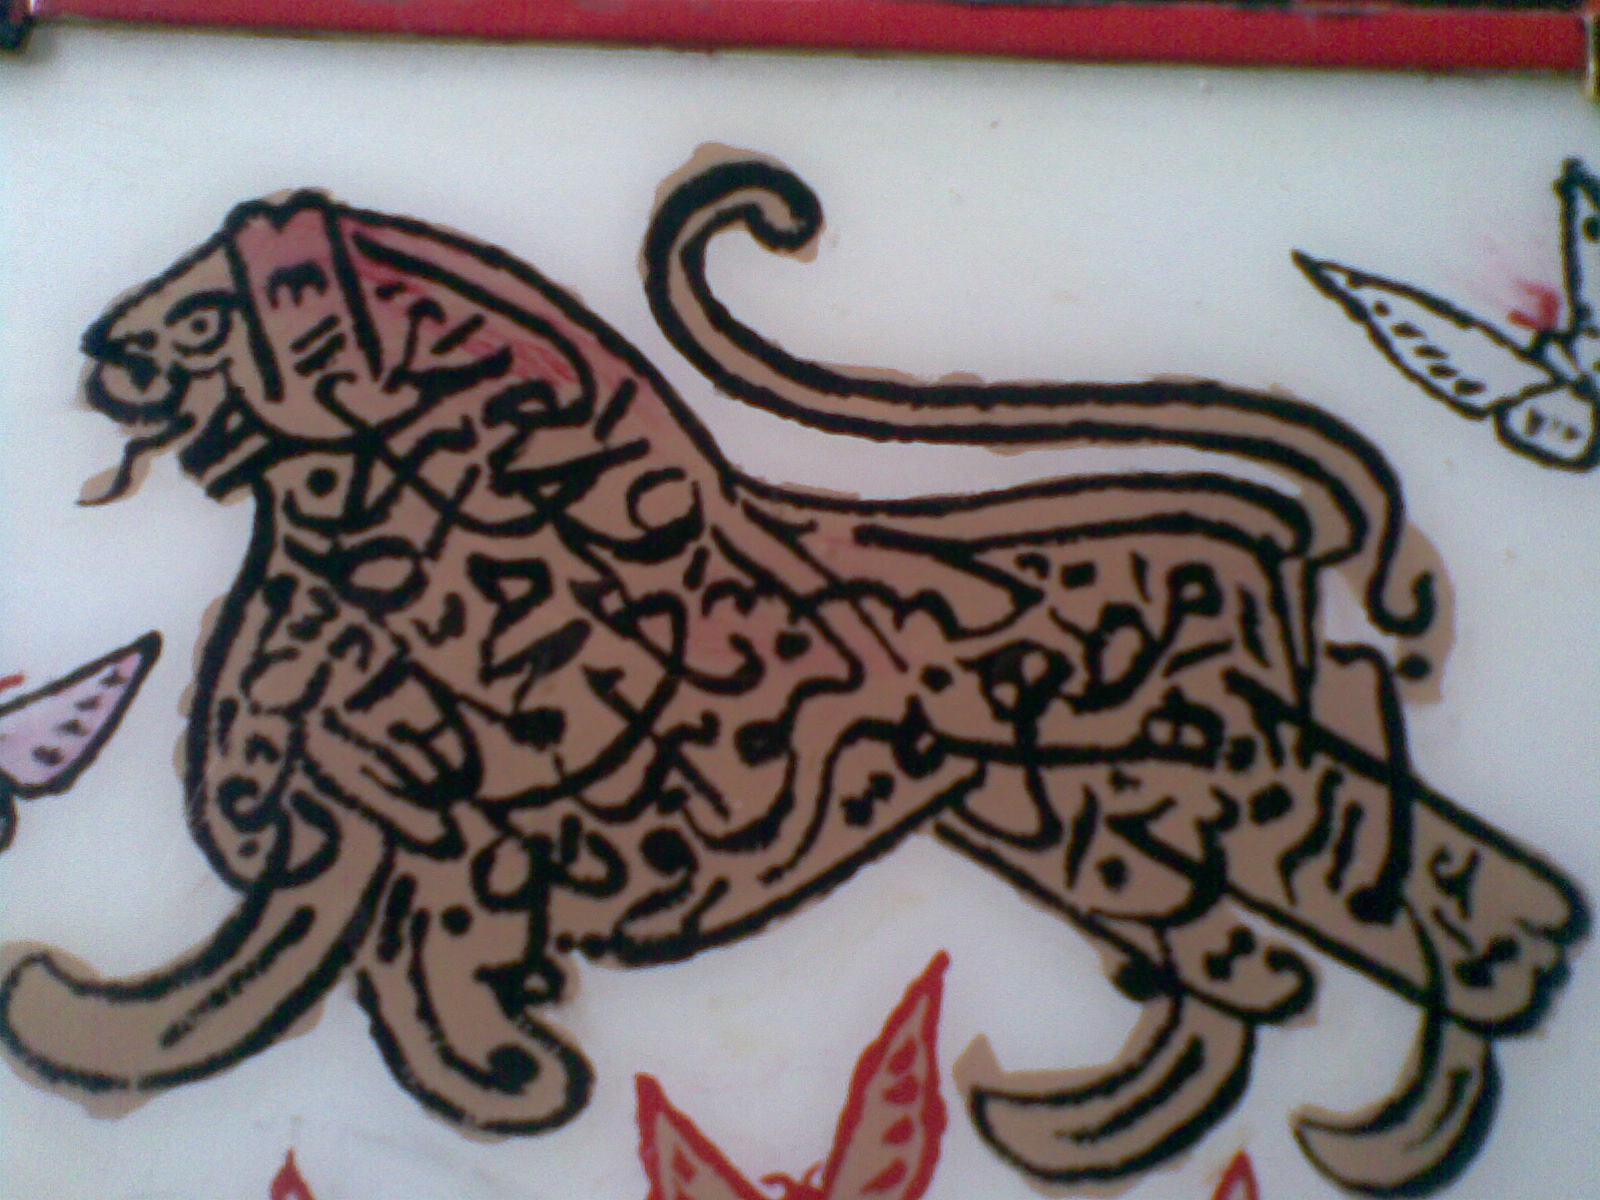 Beberapa hasil pembuatan kaligrafi di ata kaca